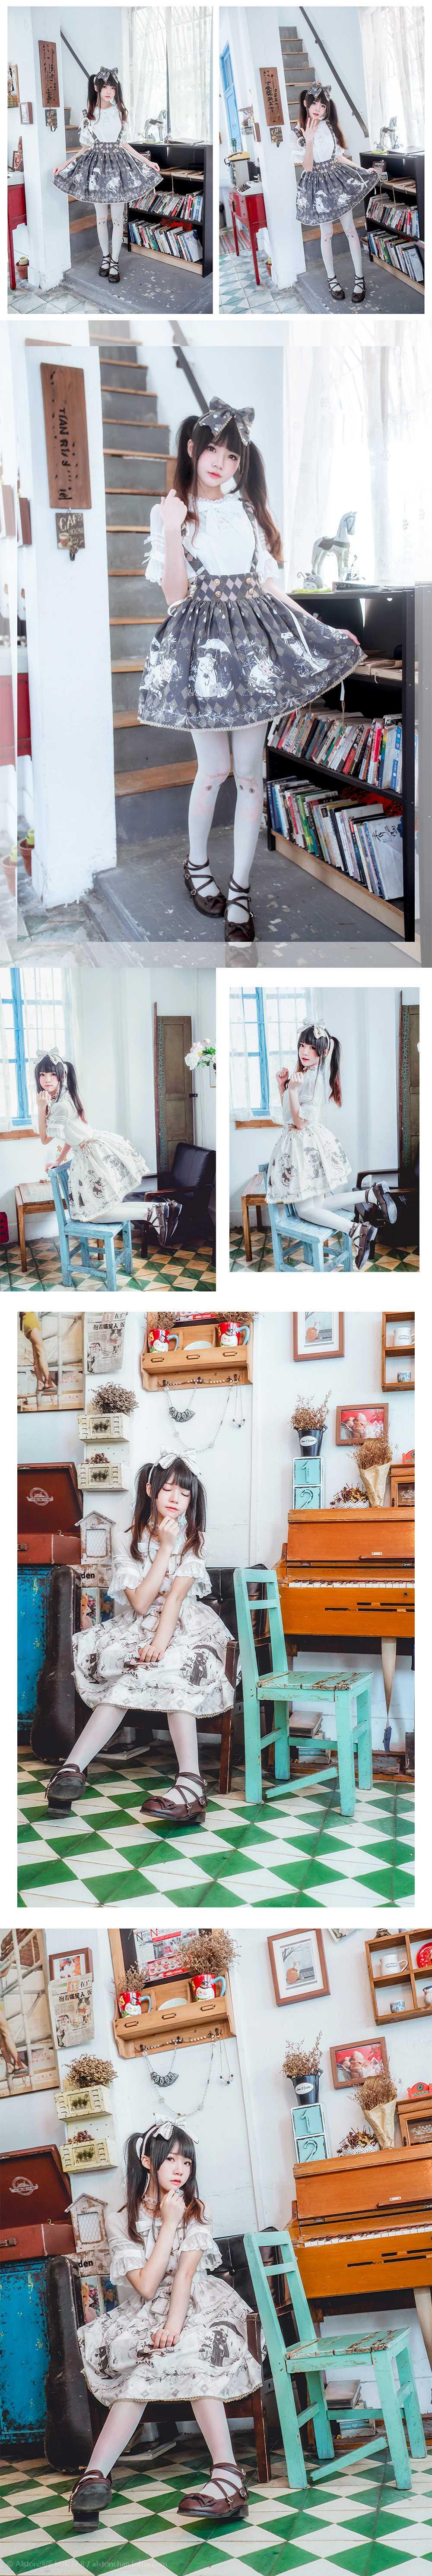 免费⭐微博红人⭐桜桃喵@写真cos-雨中的猫(桜桃喵)【10P】插图10